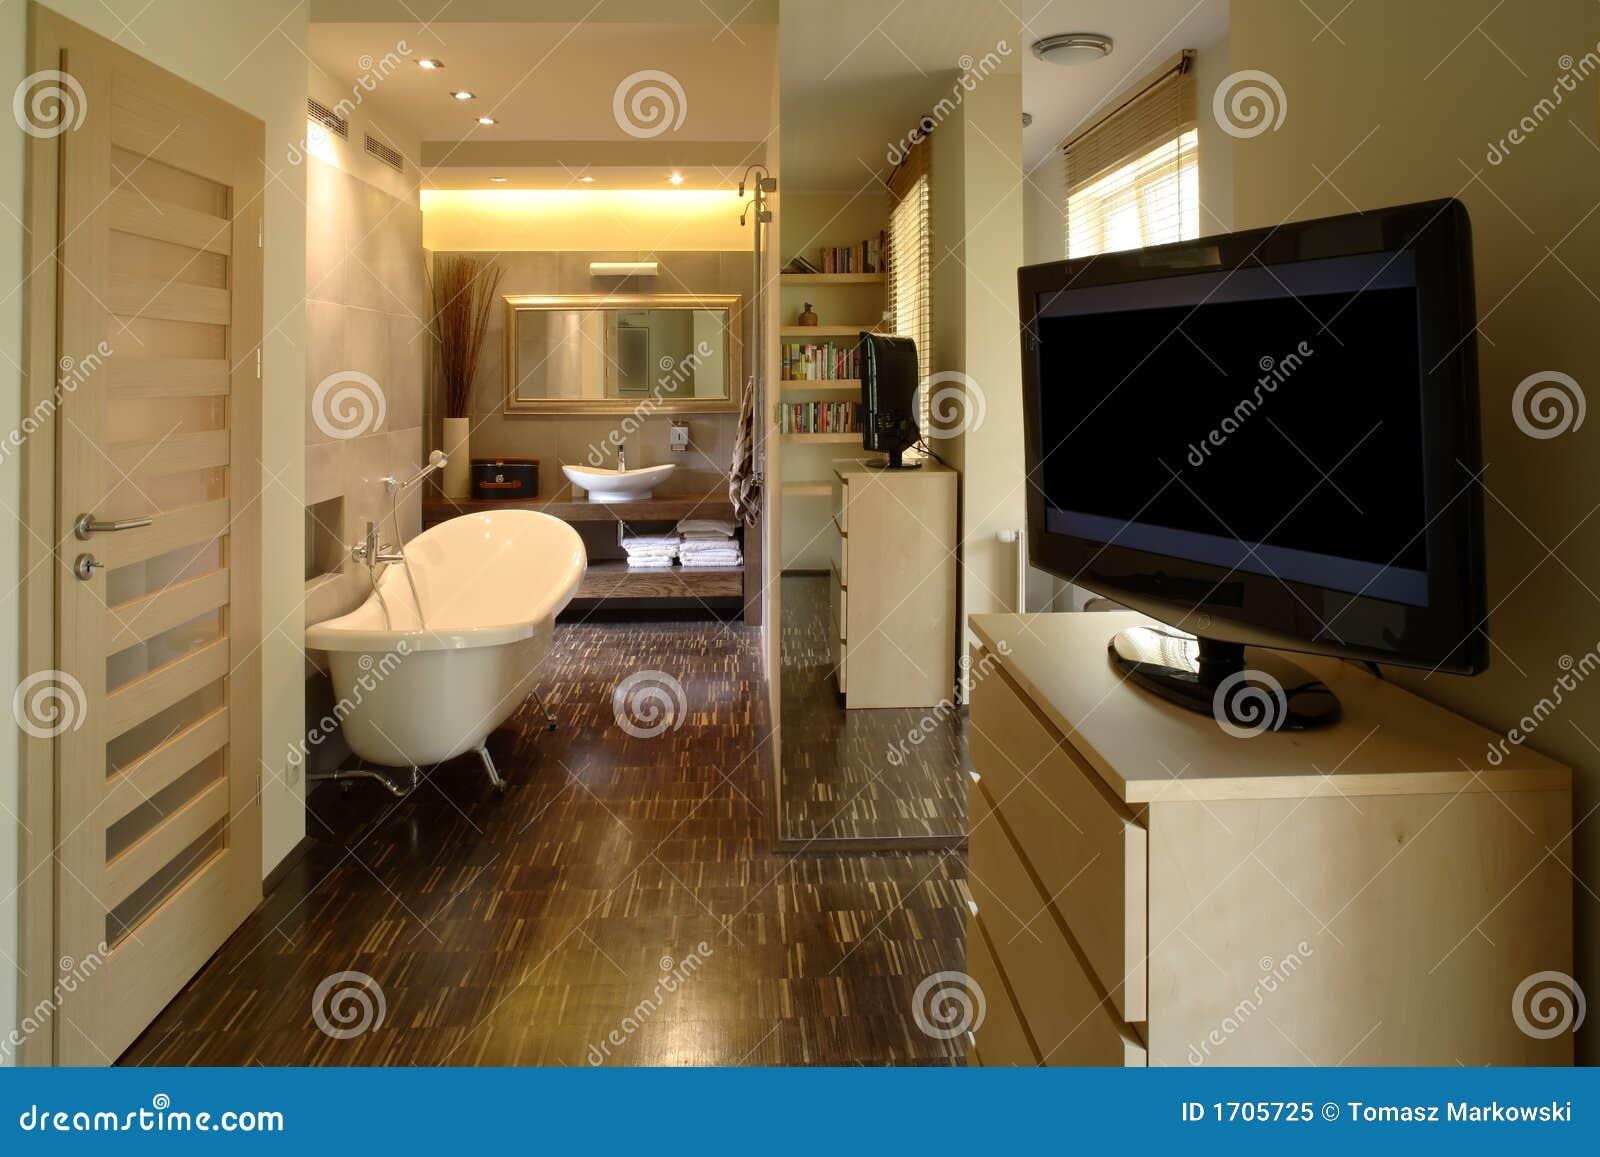 #87A823 Banheiro e quarto modernos em um apartamento luxuoso. 1300x957 px Banheiro Em Apartamento 3293